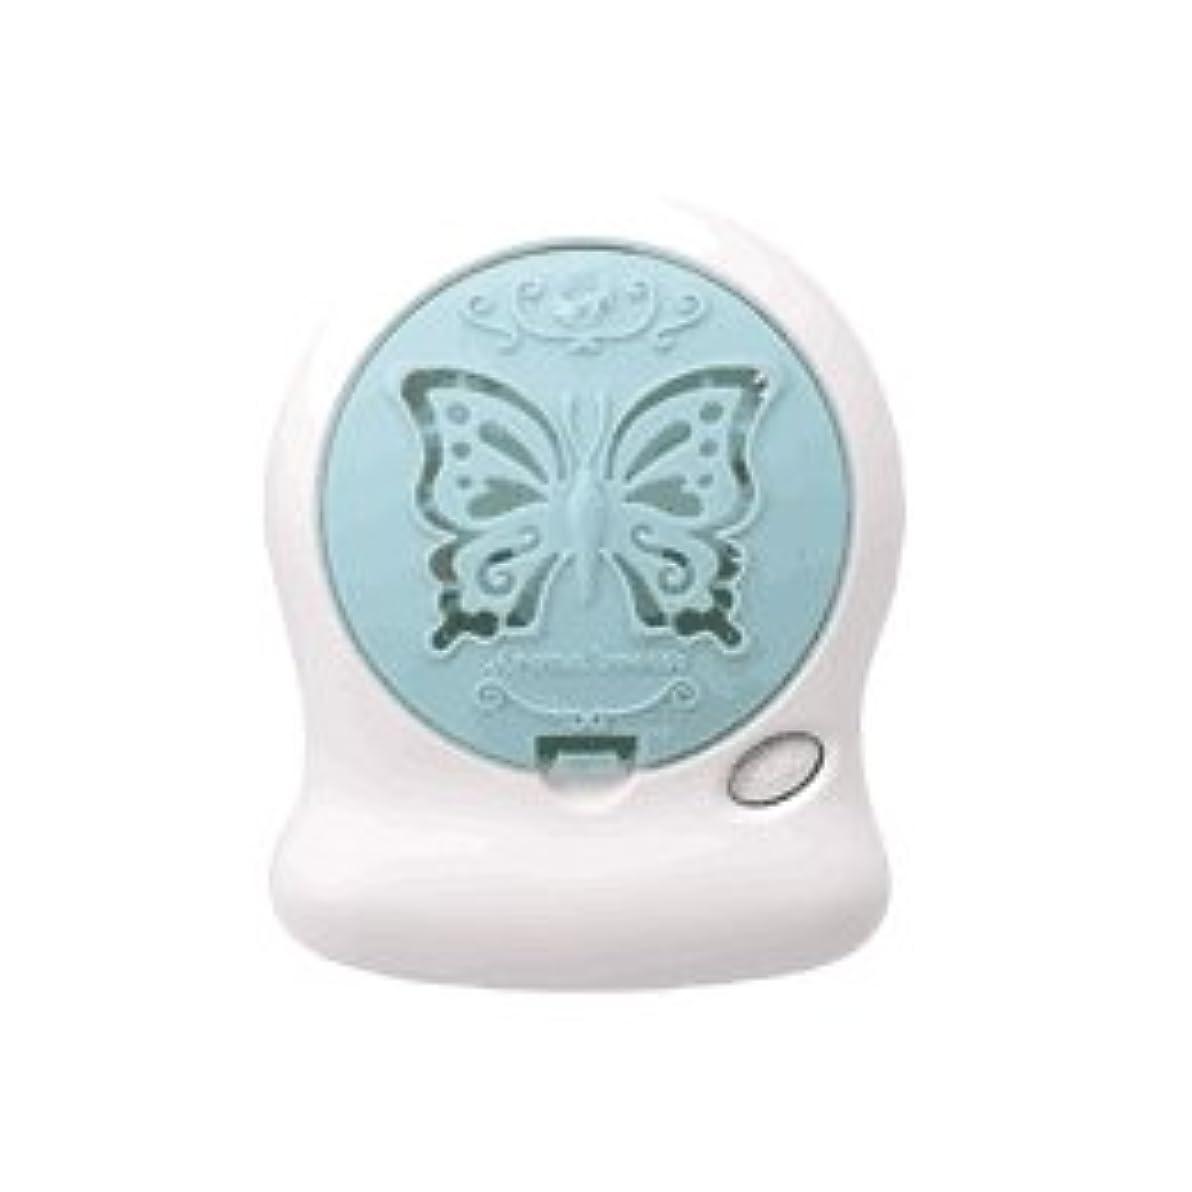 ロードブロッキング個人的な領事館アロマブリーズ Nova t Jill (蝶柄) グリーン オフタイマー付モバイルファン式芳香器